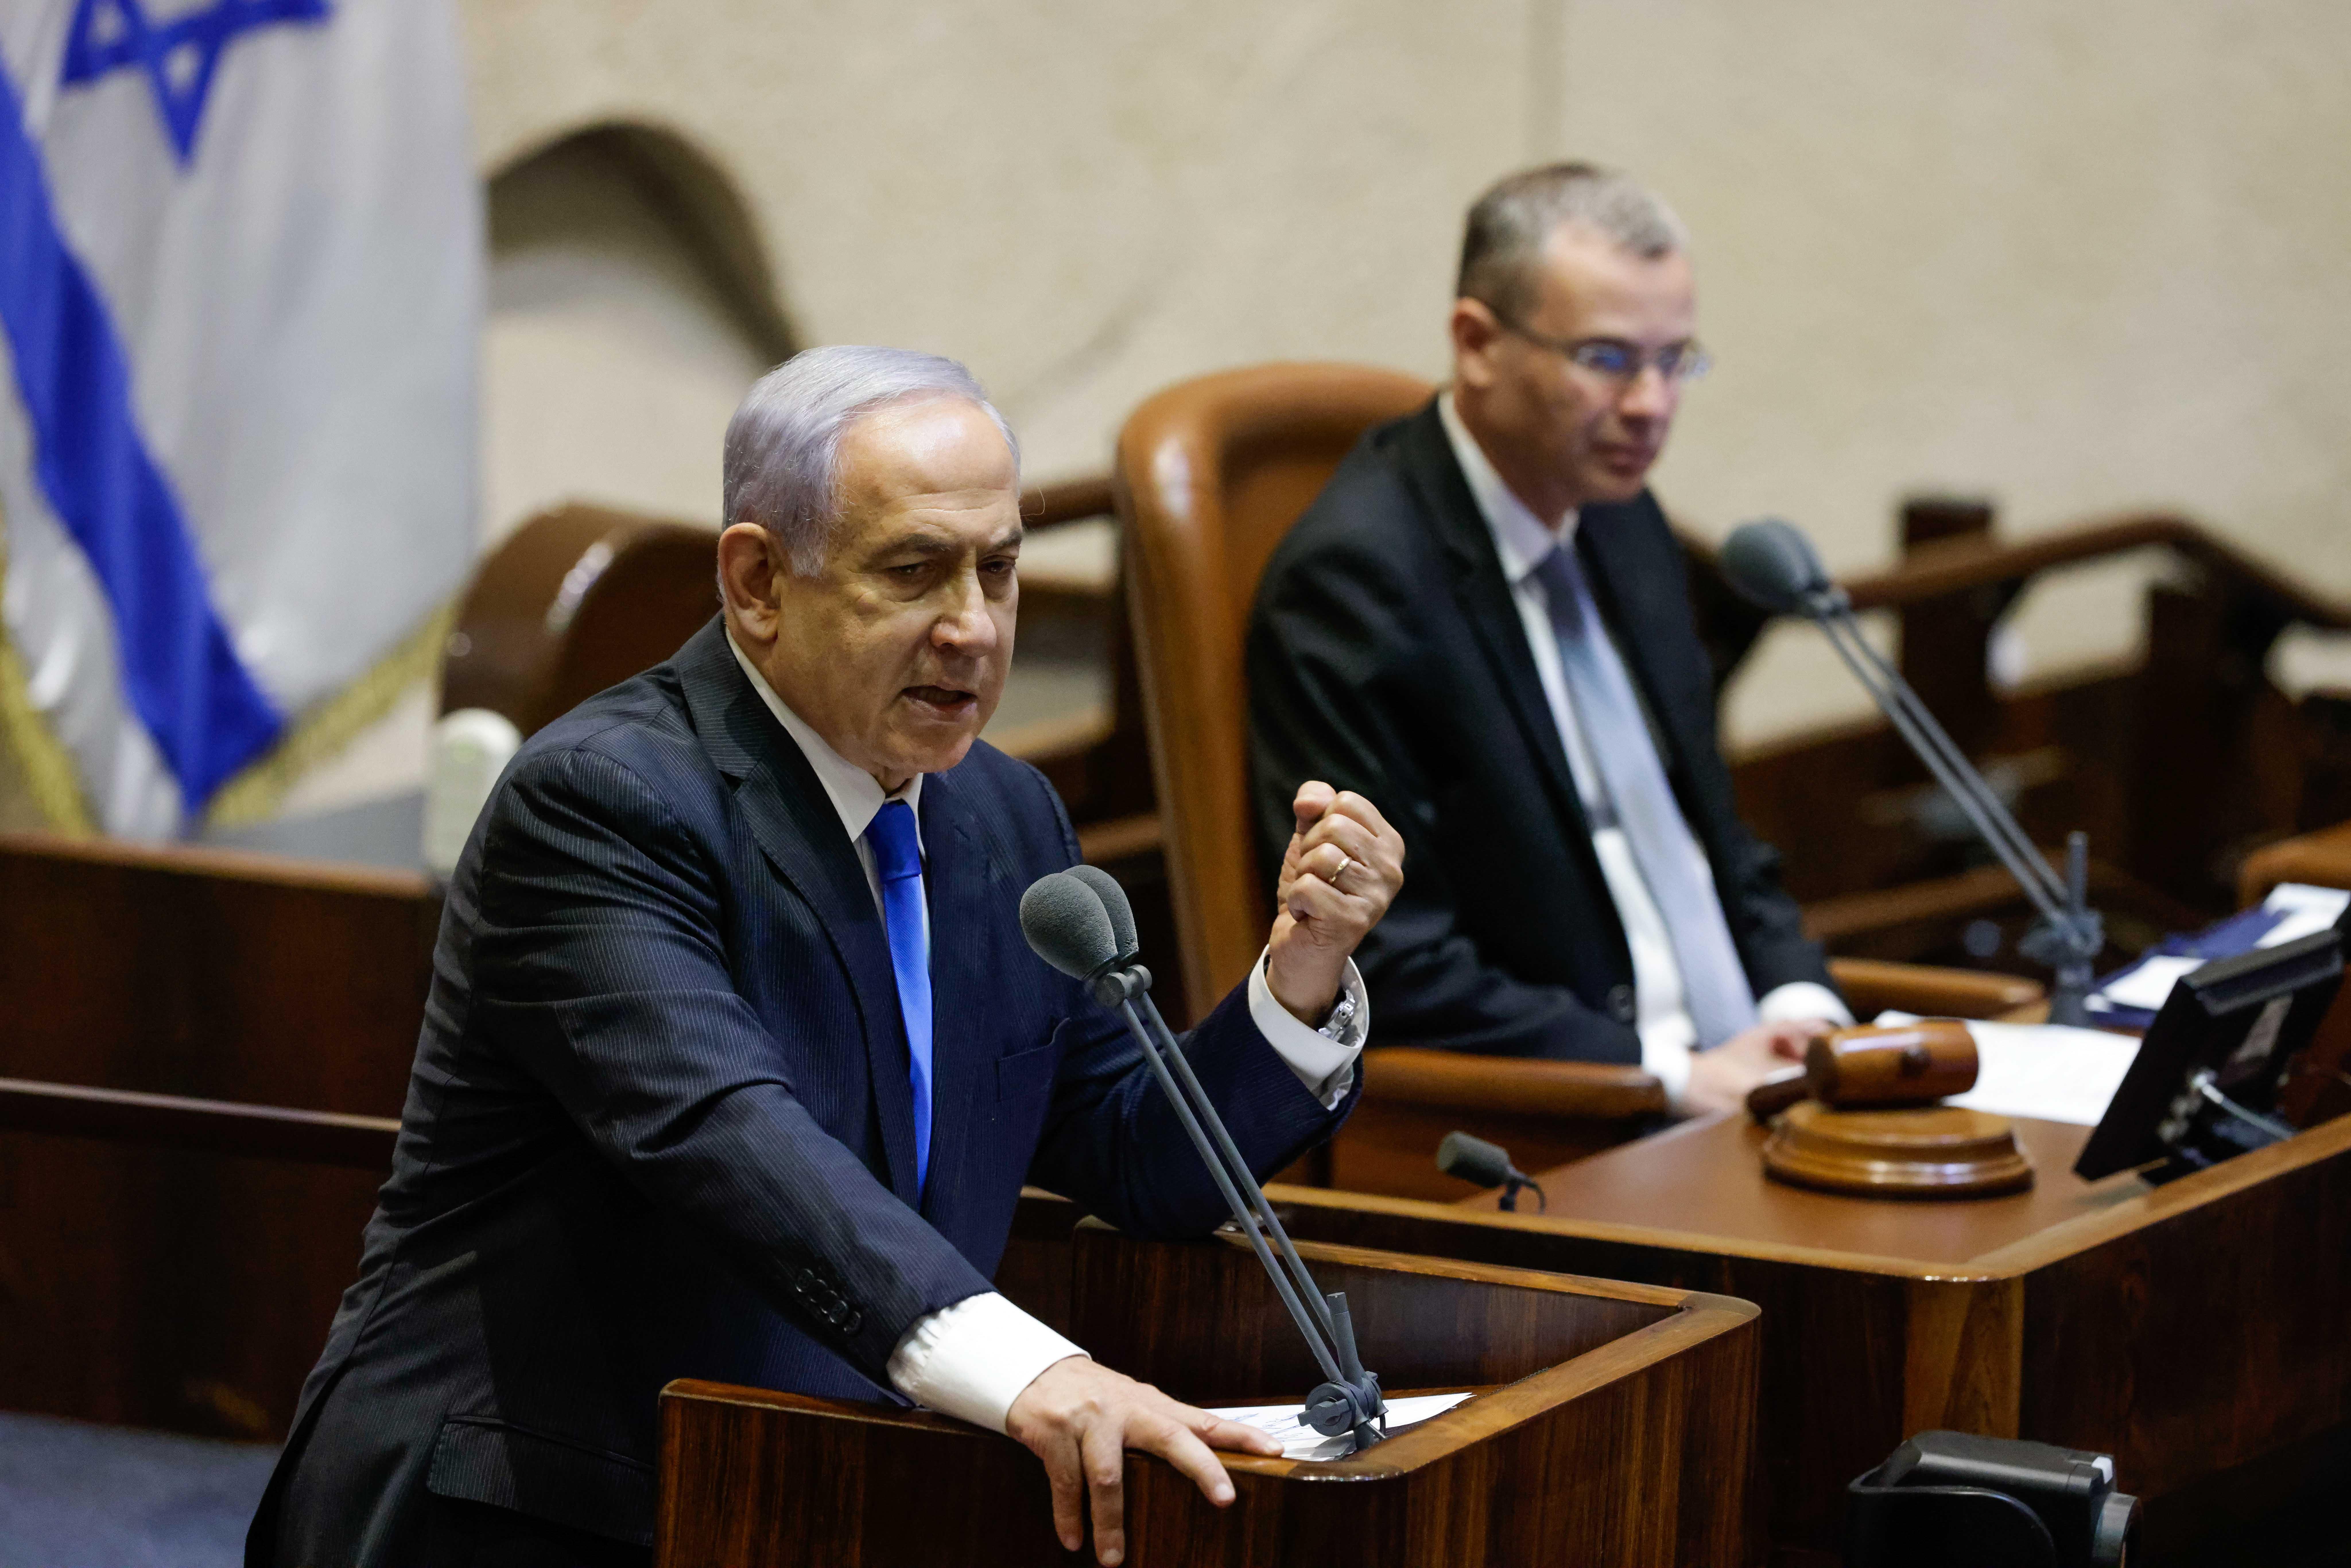 6月13日,内塔尼亚胡(左)在位于耶路撒冷的以色列议会出席就新一届政府组建方案进行投票的特别会议。 新华社 图